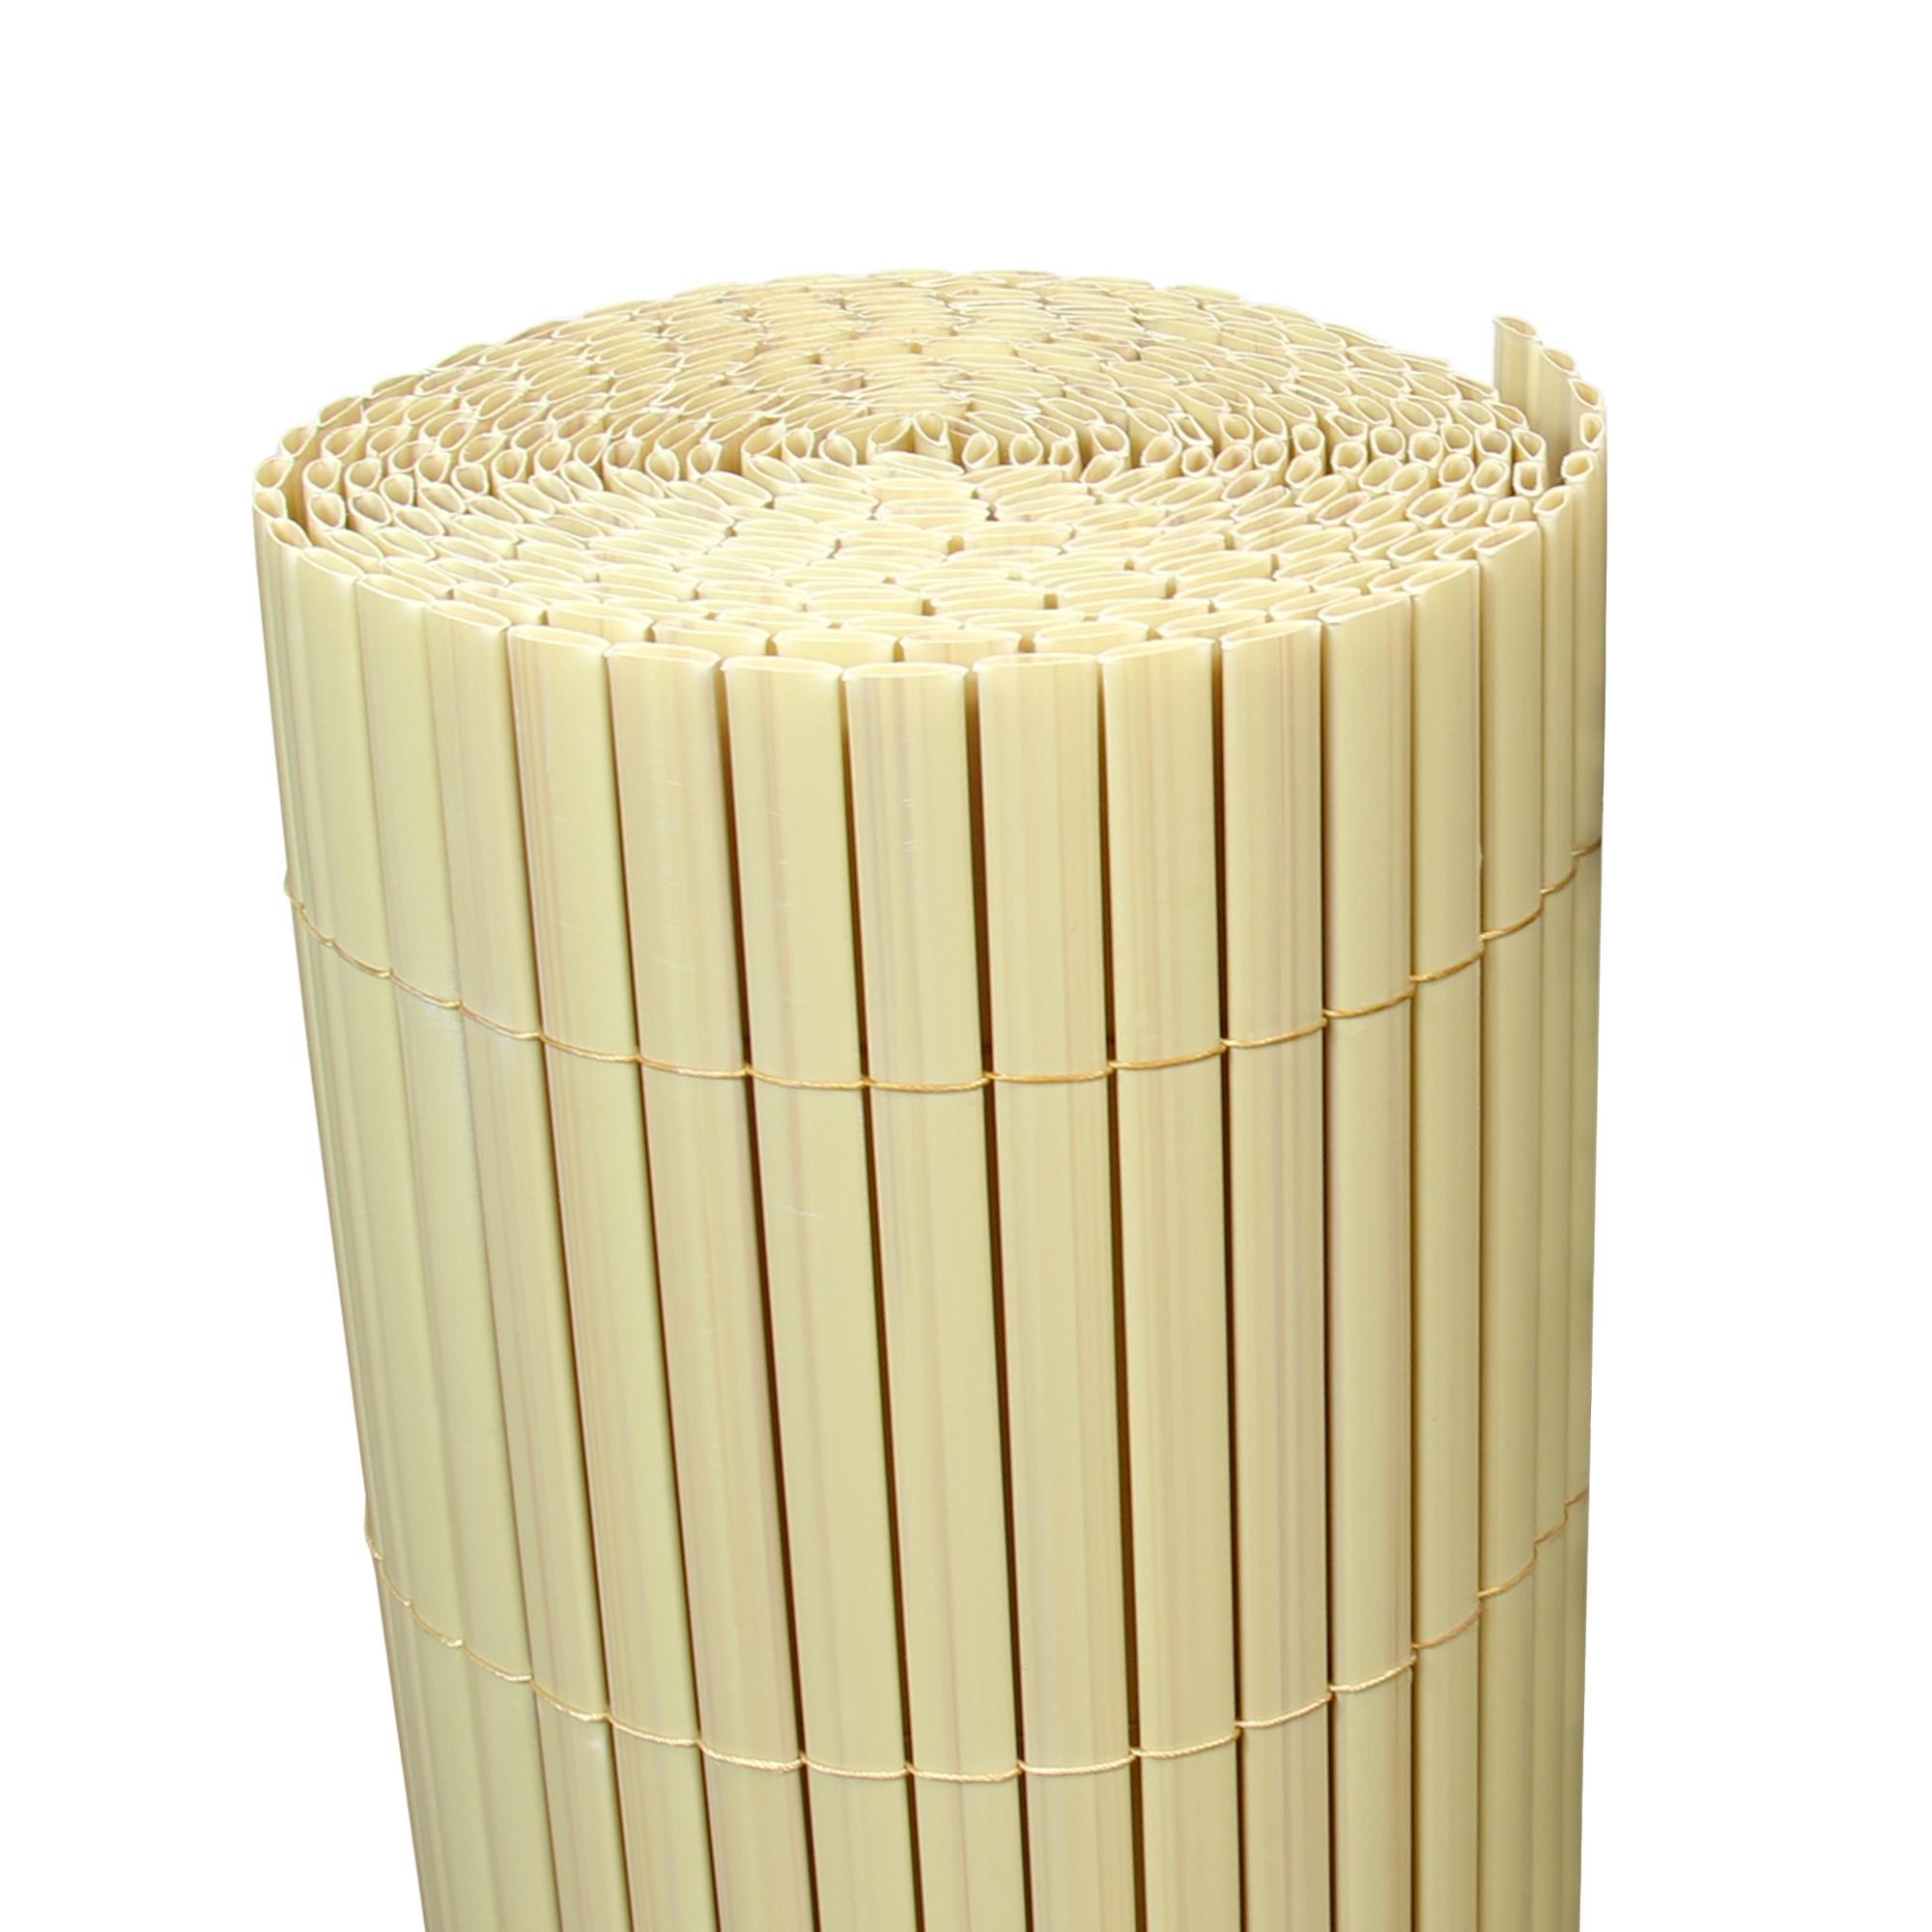 5 m bambus pvc sichtschutzmatte sichtschutz zaun balkon garten blickschutz ebay. Black Bedroom Furniture Sets. Home Design Ideas